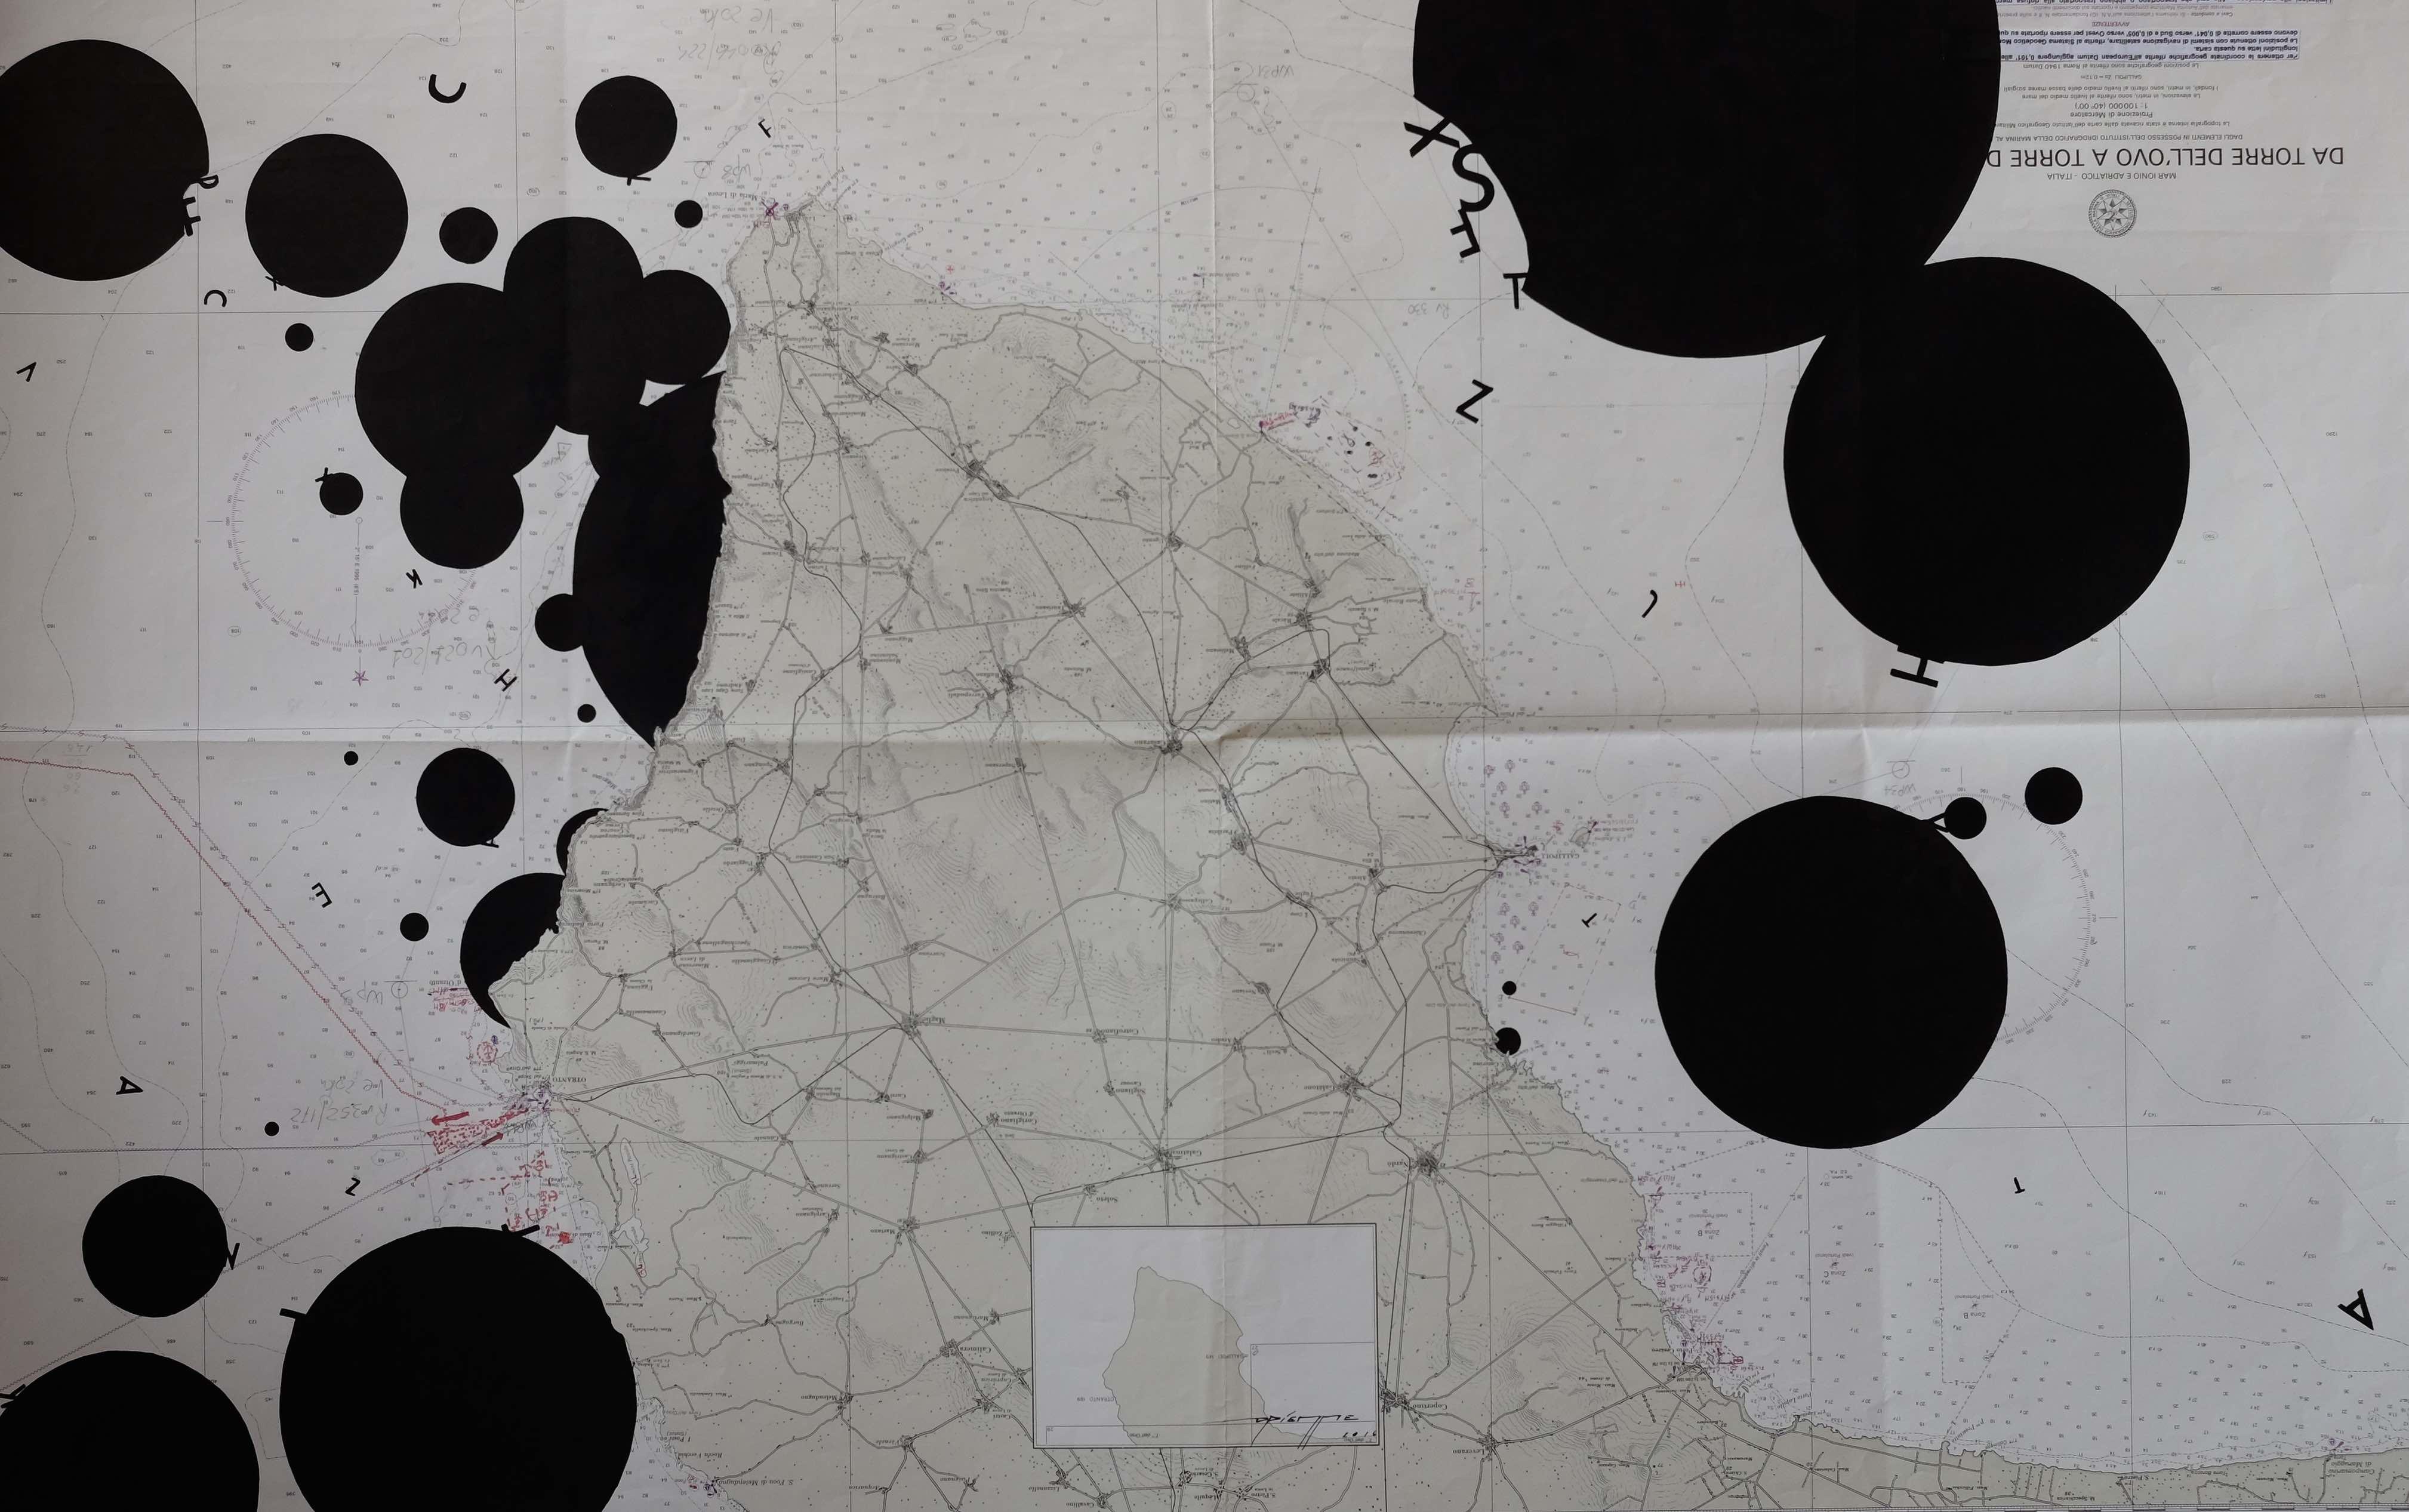 Pilastro, 2016, acrilico su carta nautica del 2001 (Leuca), 114 x 75 cm